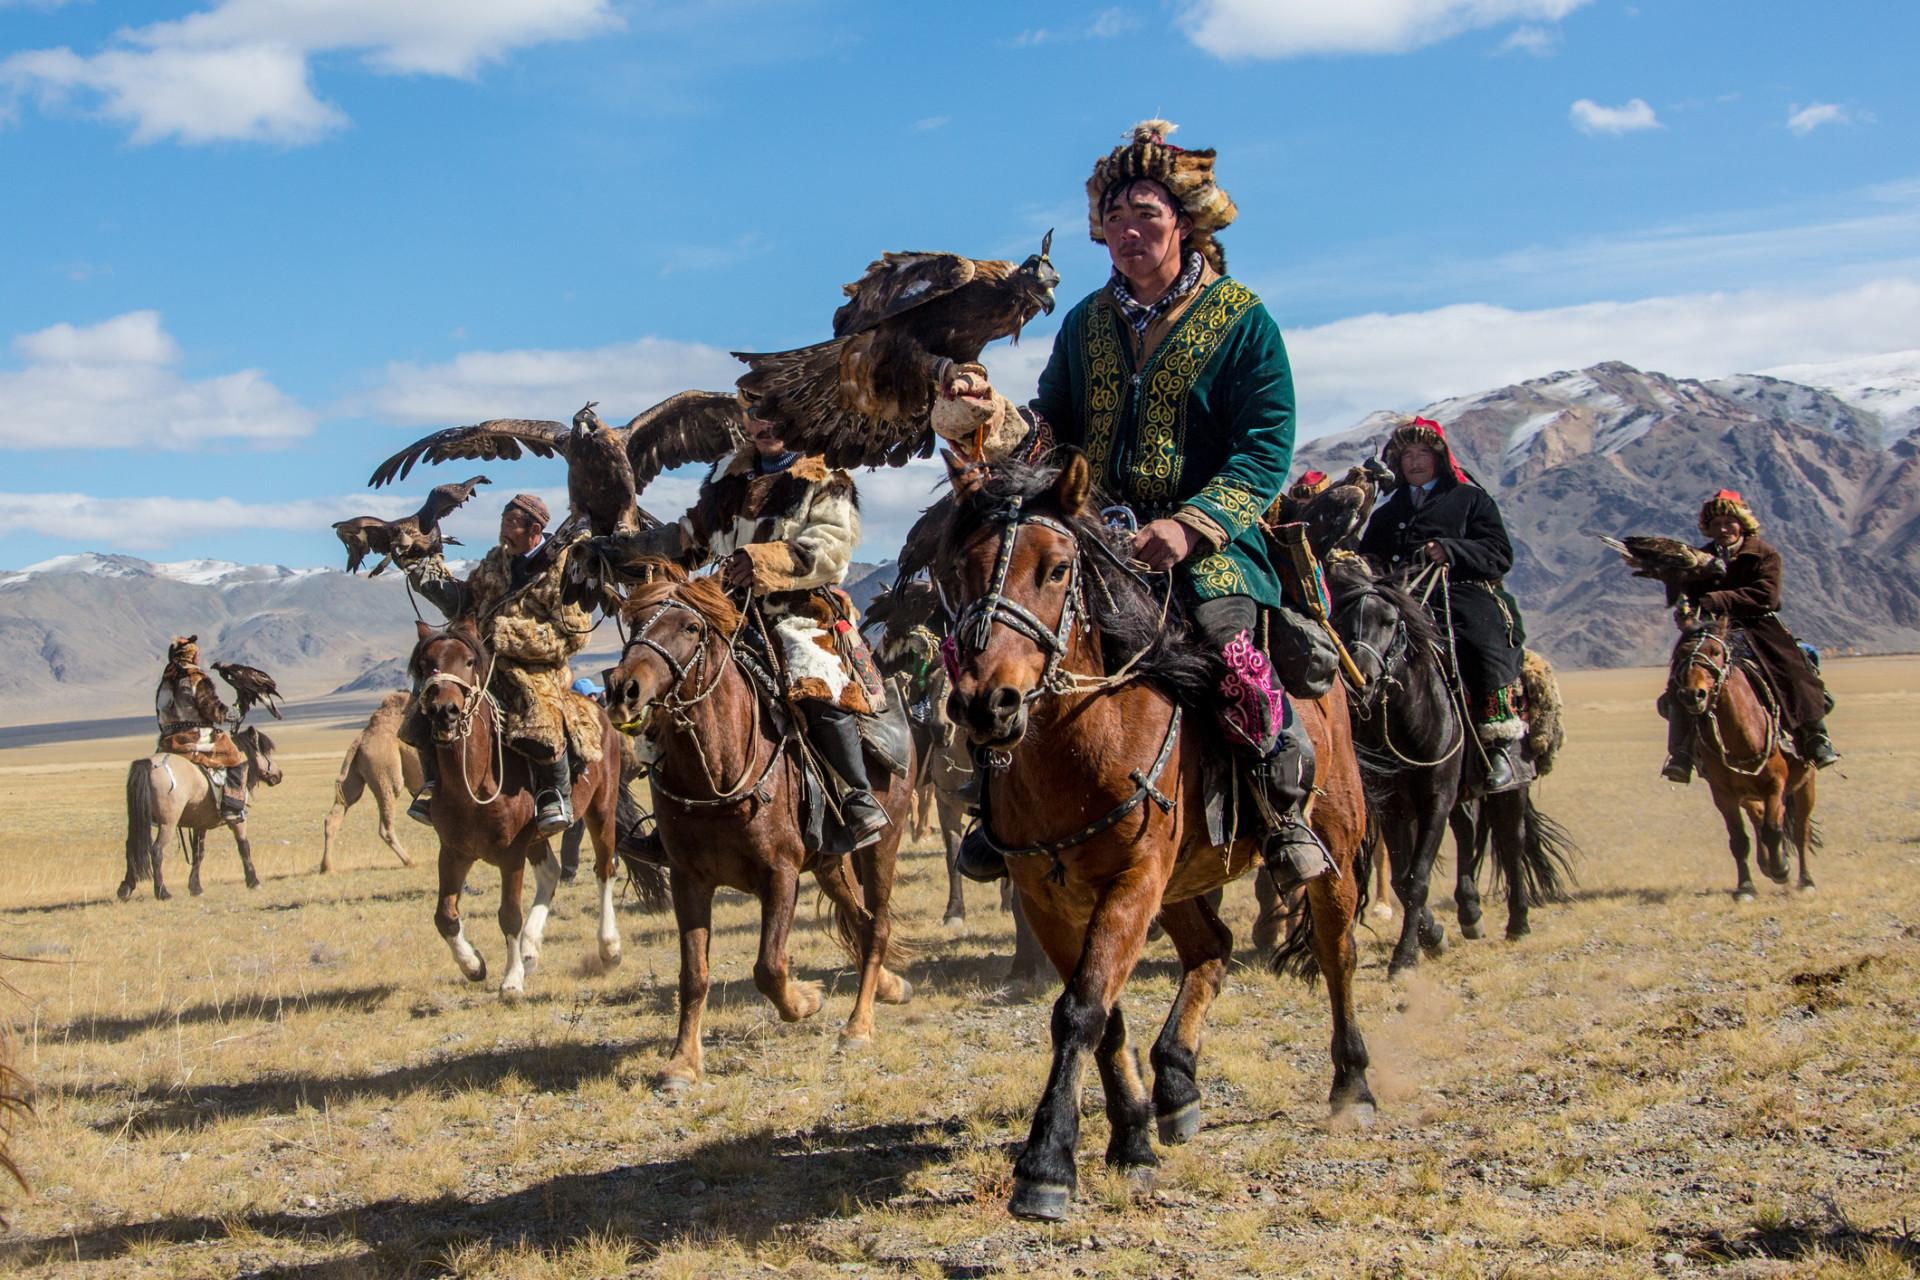 Conheça a Mongólia, terra de nômades e de paisagens únicas